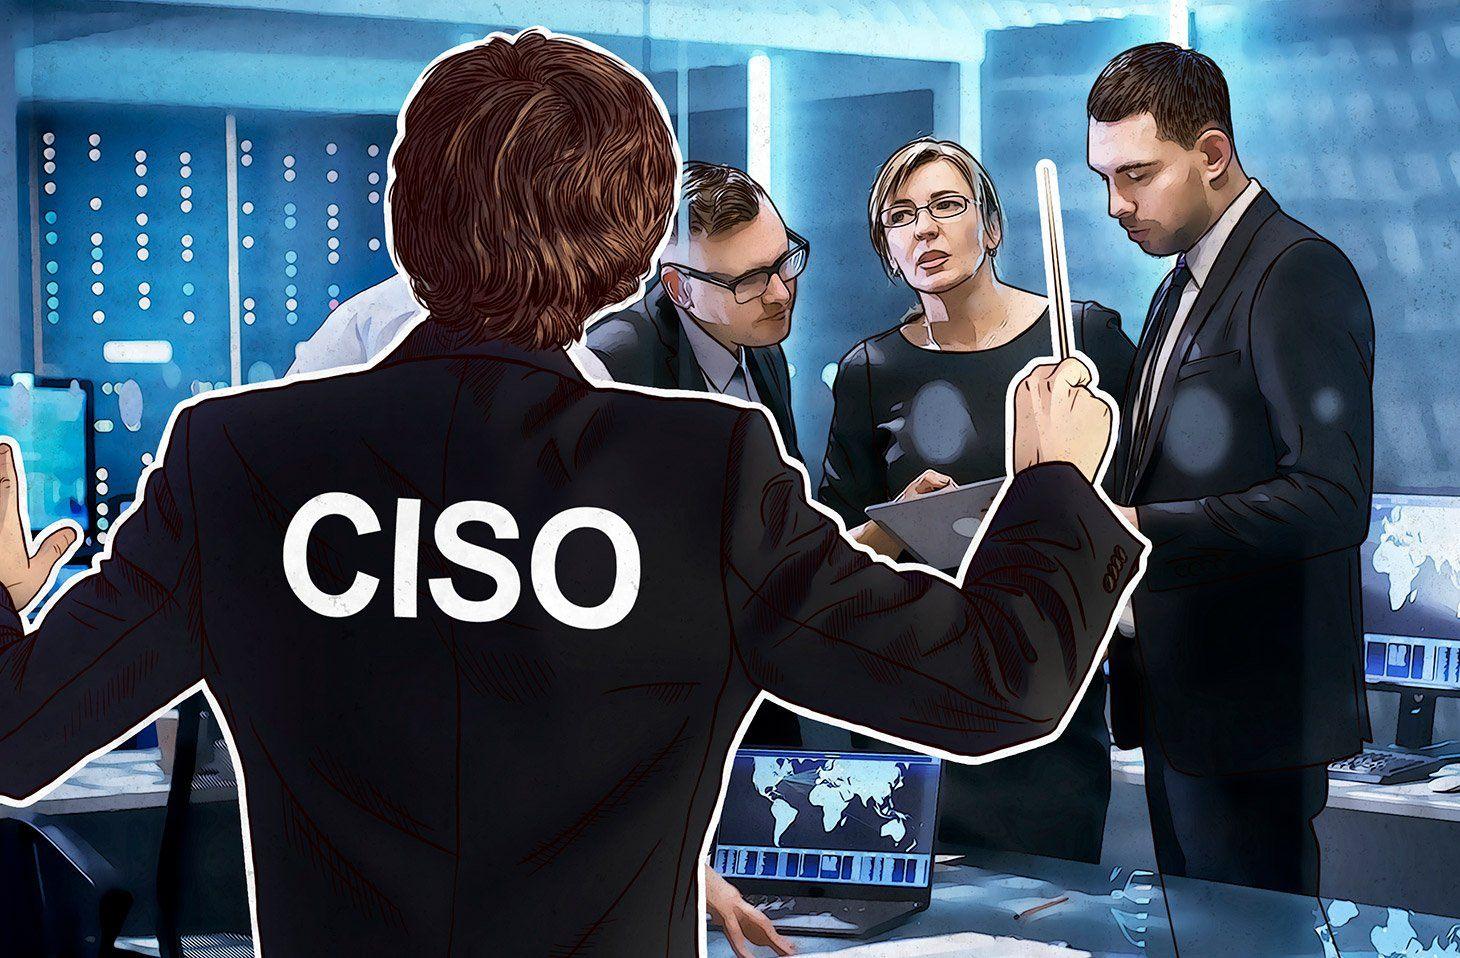 CISOに必要な資質:企業ITセキュリティの成功とリーダーシップについて